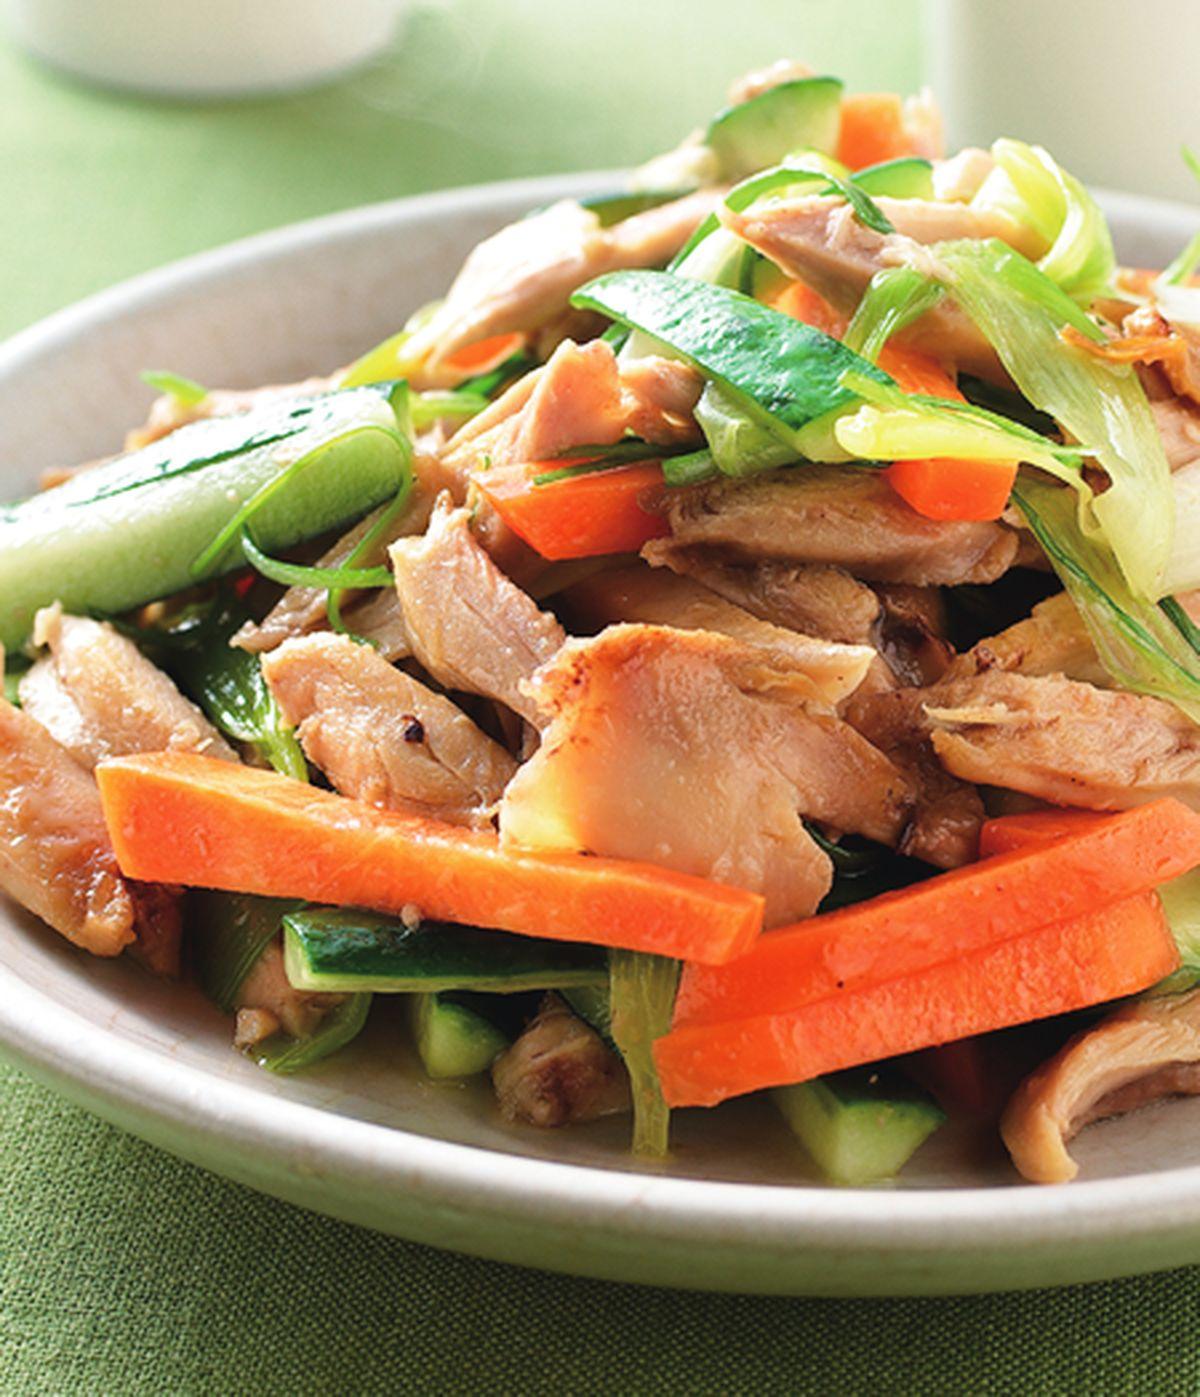 食譜:黃瓜炒雞絲